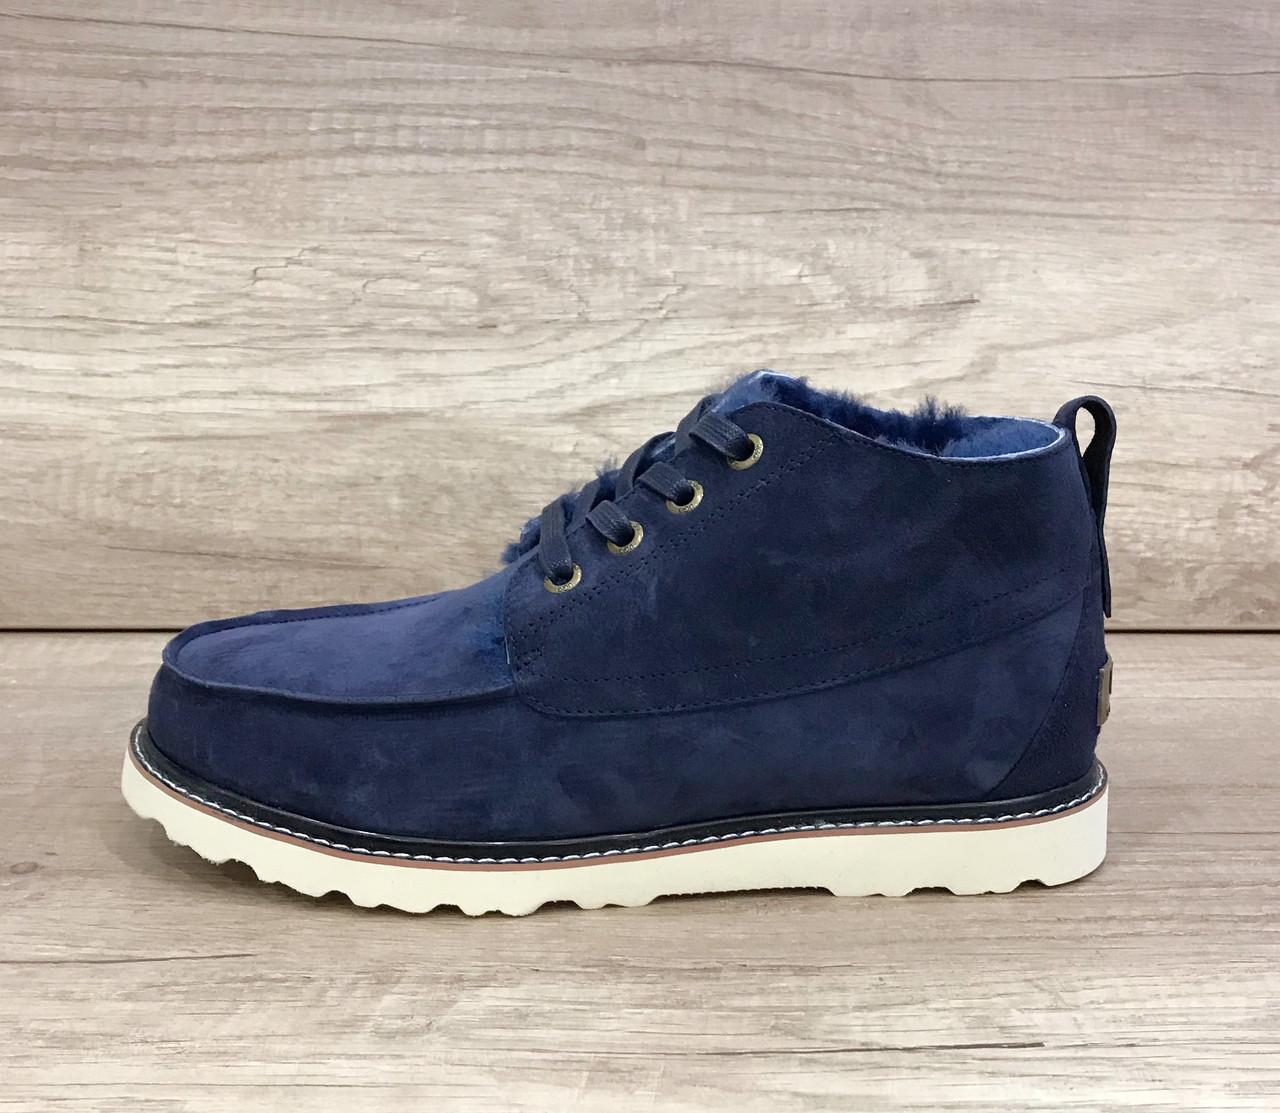 Угги ботинки мужские Бекхэм синие замш UGG Australia Beckham Navy